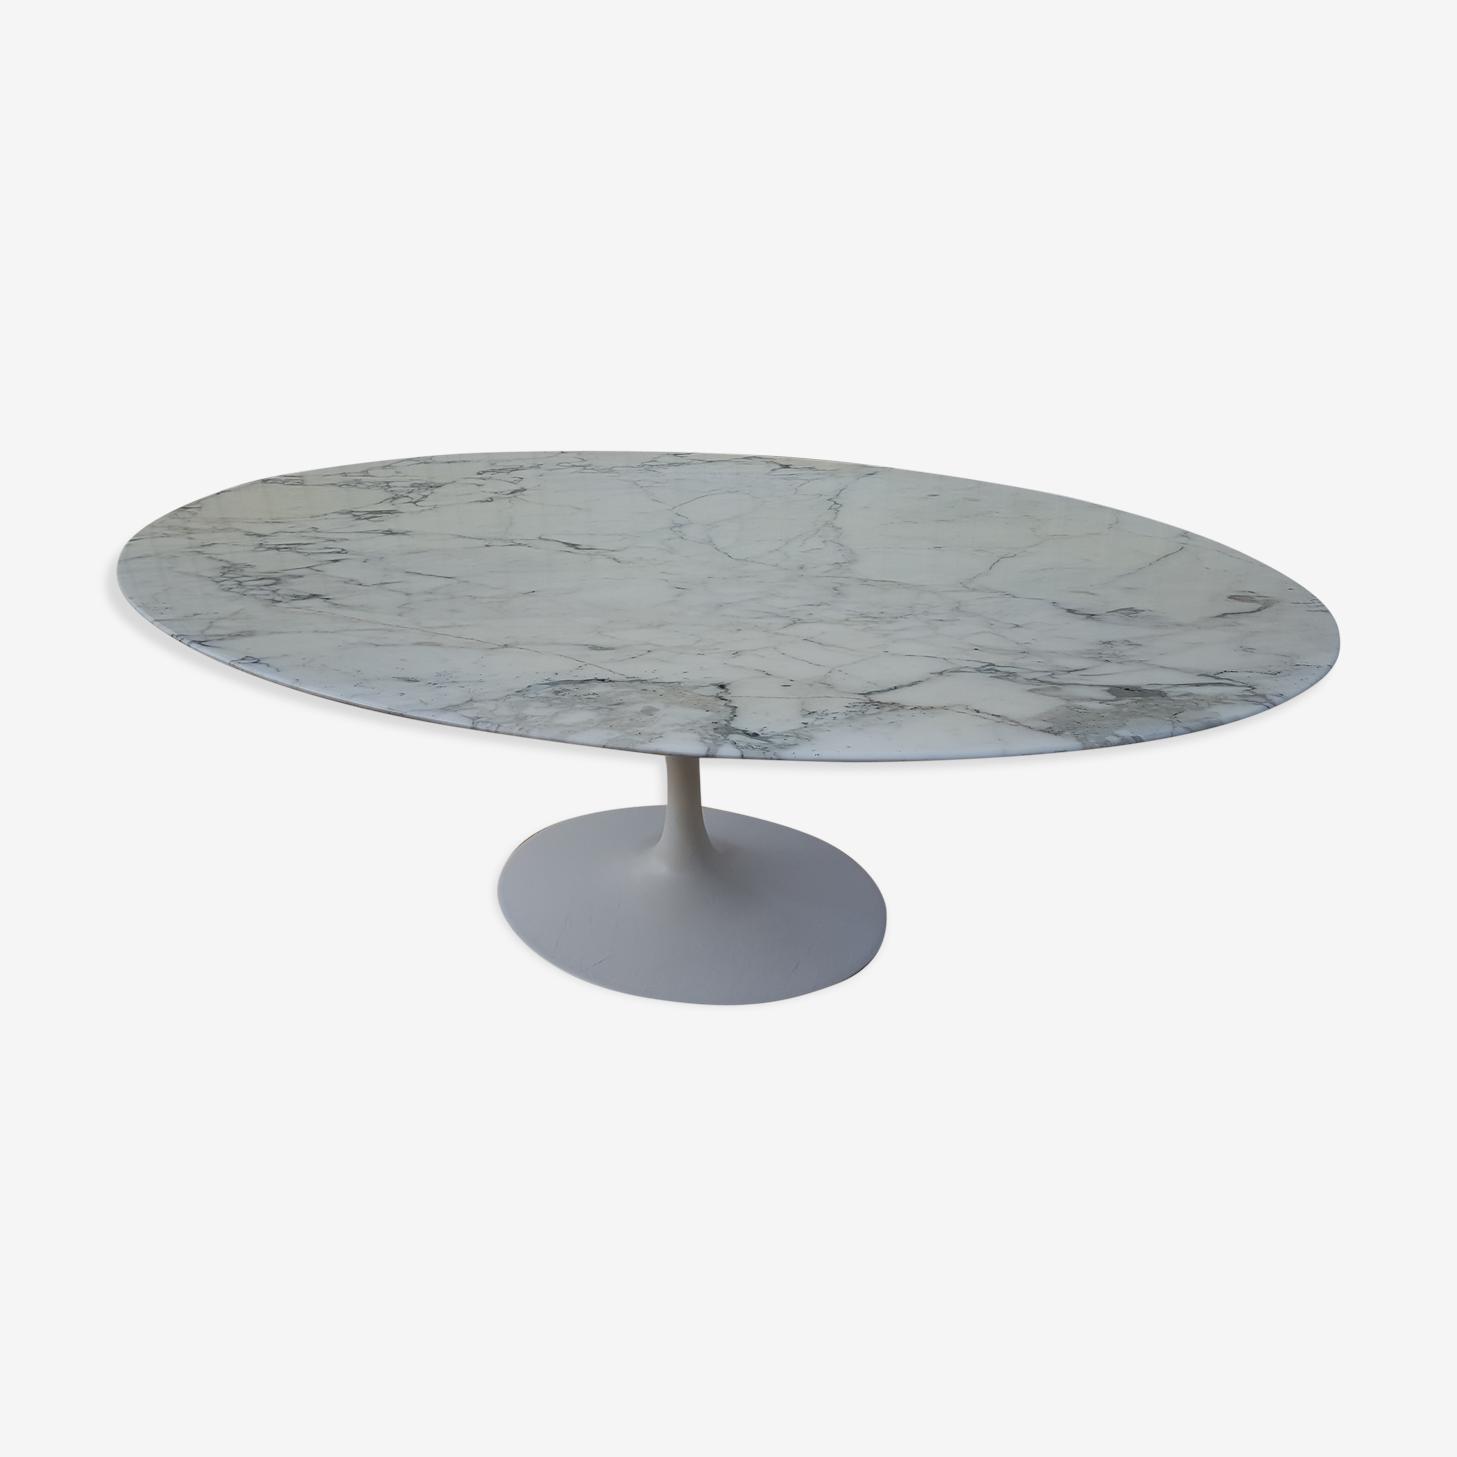 Eero Saarinen marble table for Knoll